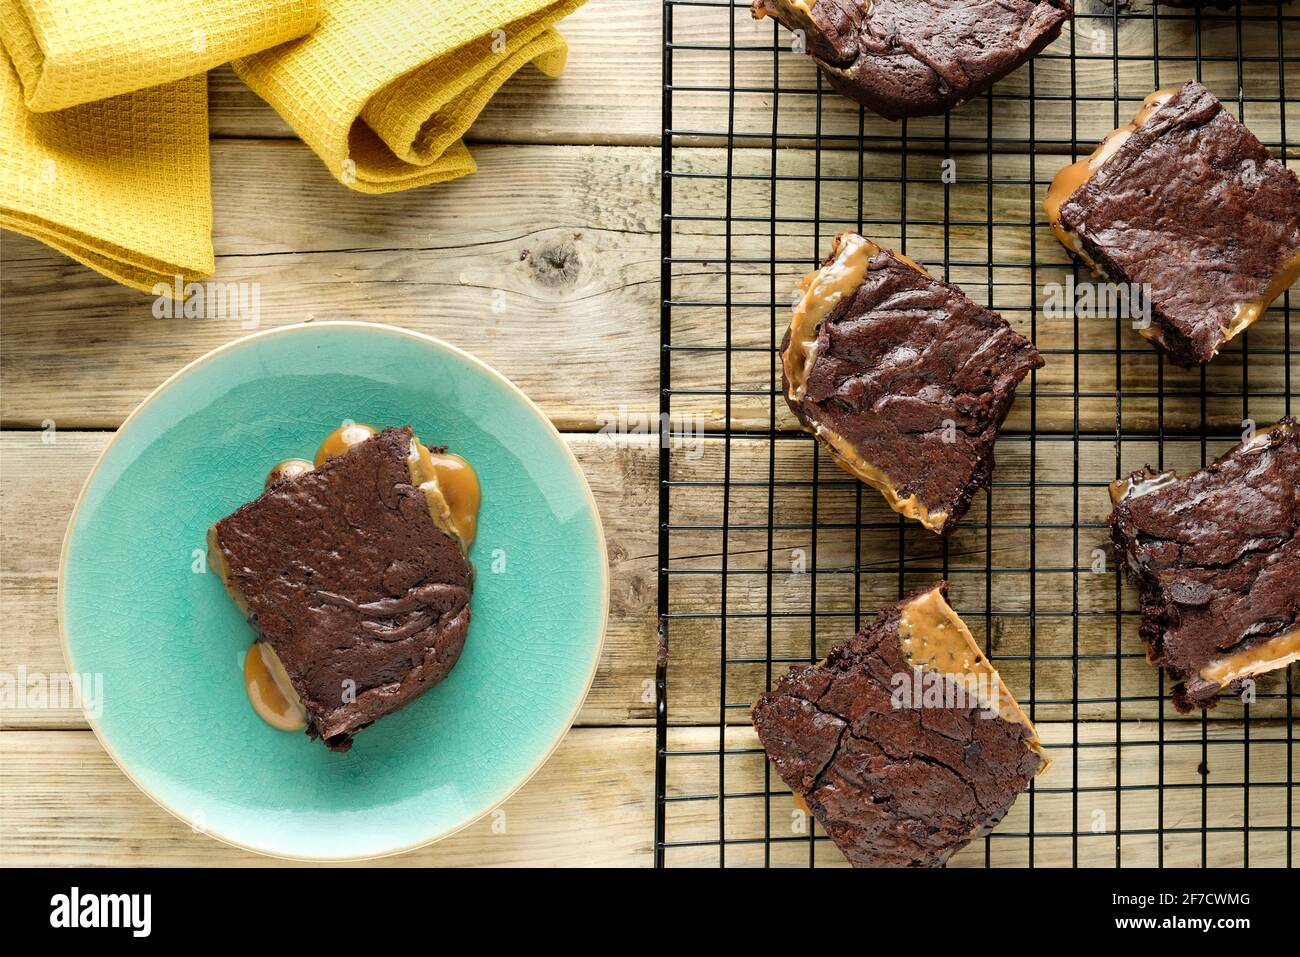 Un lote recién cocinado de brownies de caramelo salado que se refresca en una rejilla de alambre. Un brownie está bañado y está exudando caramelo derretido en el plato Foto de stock